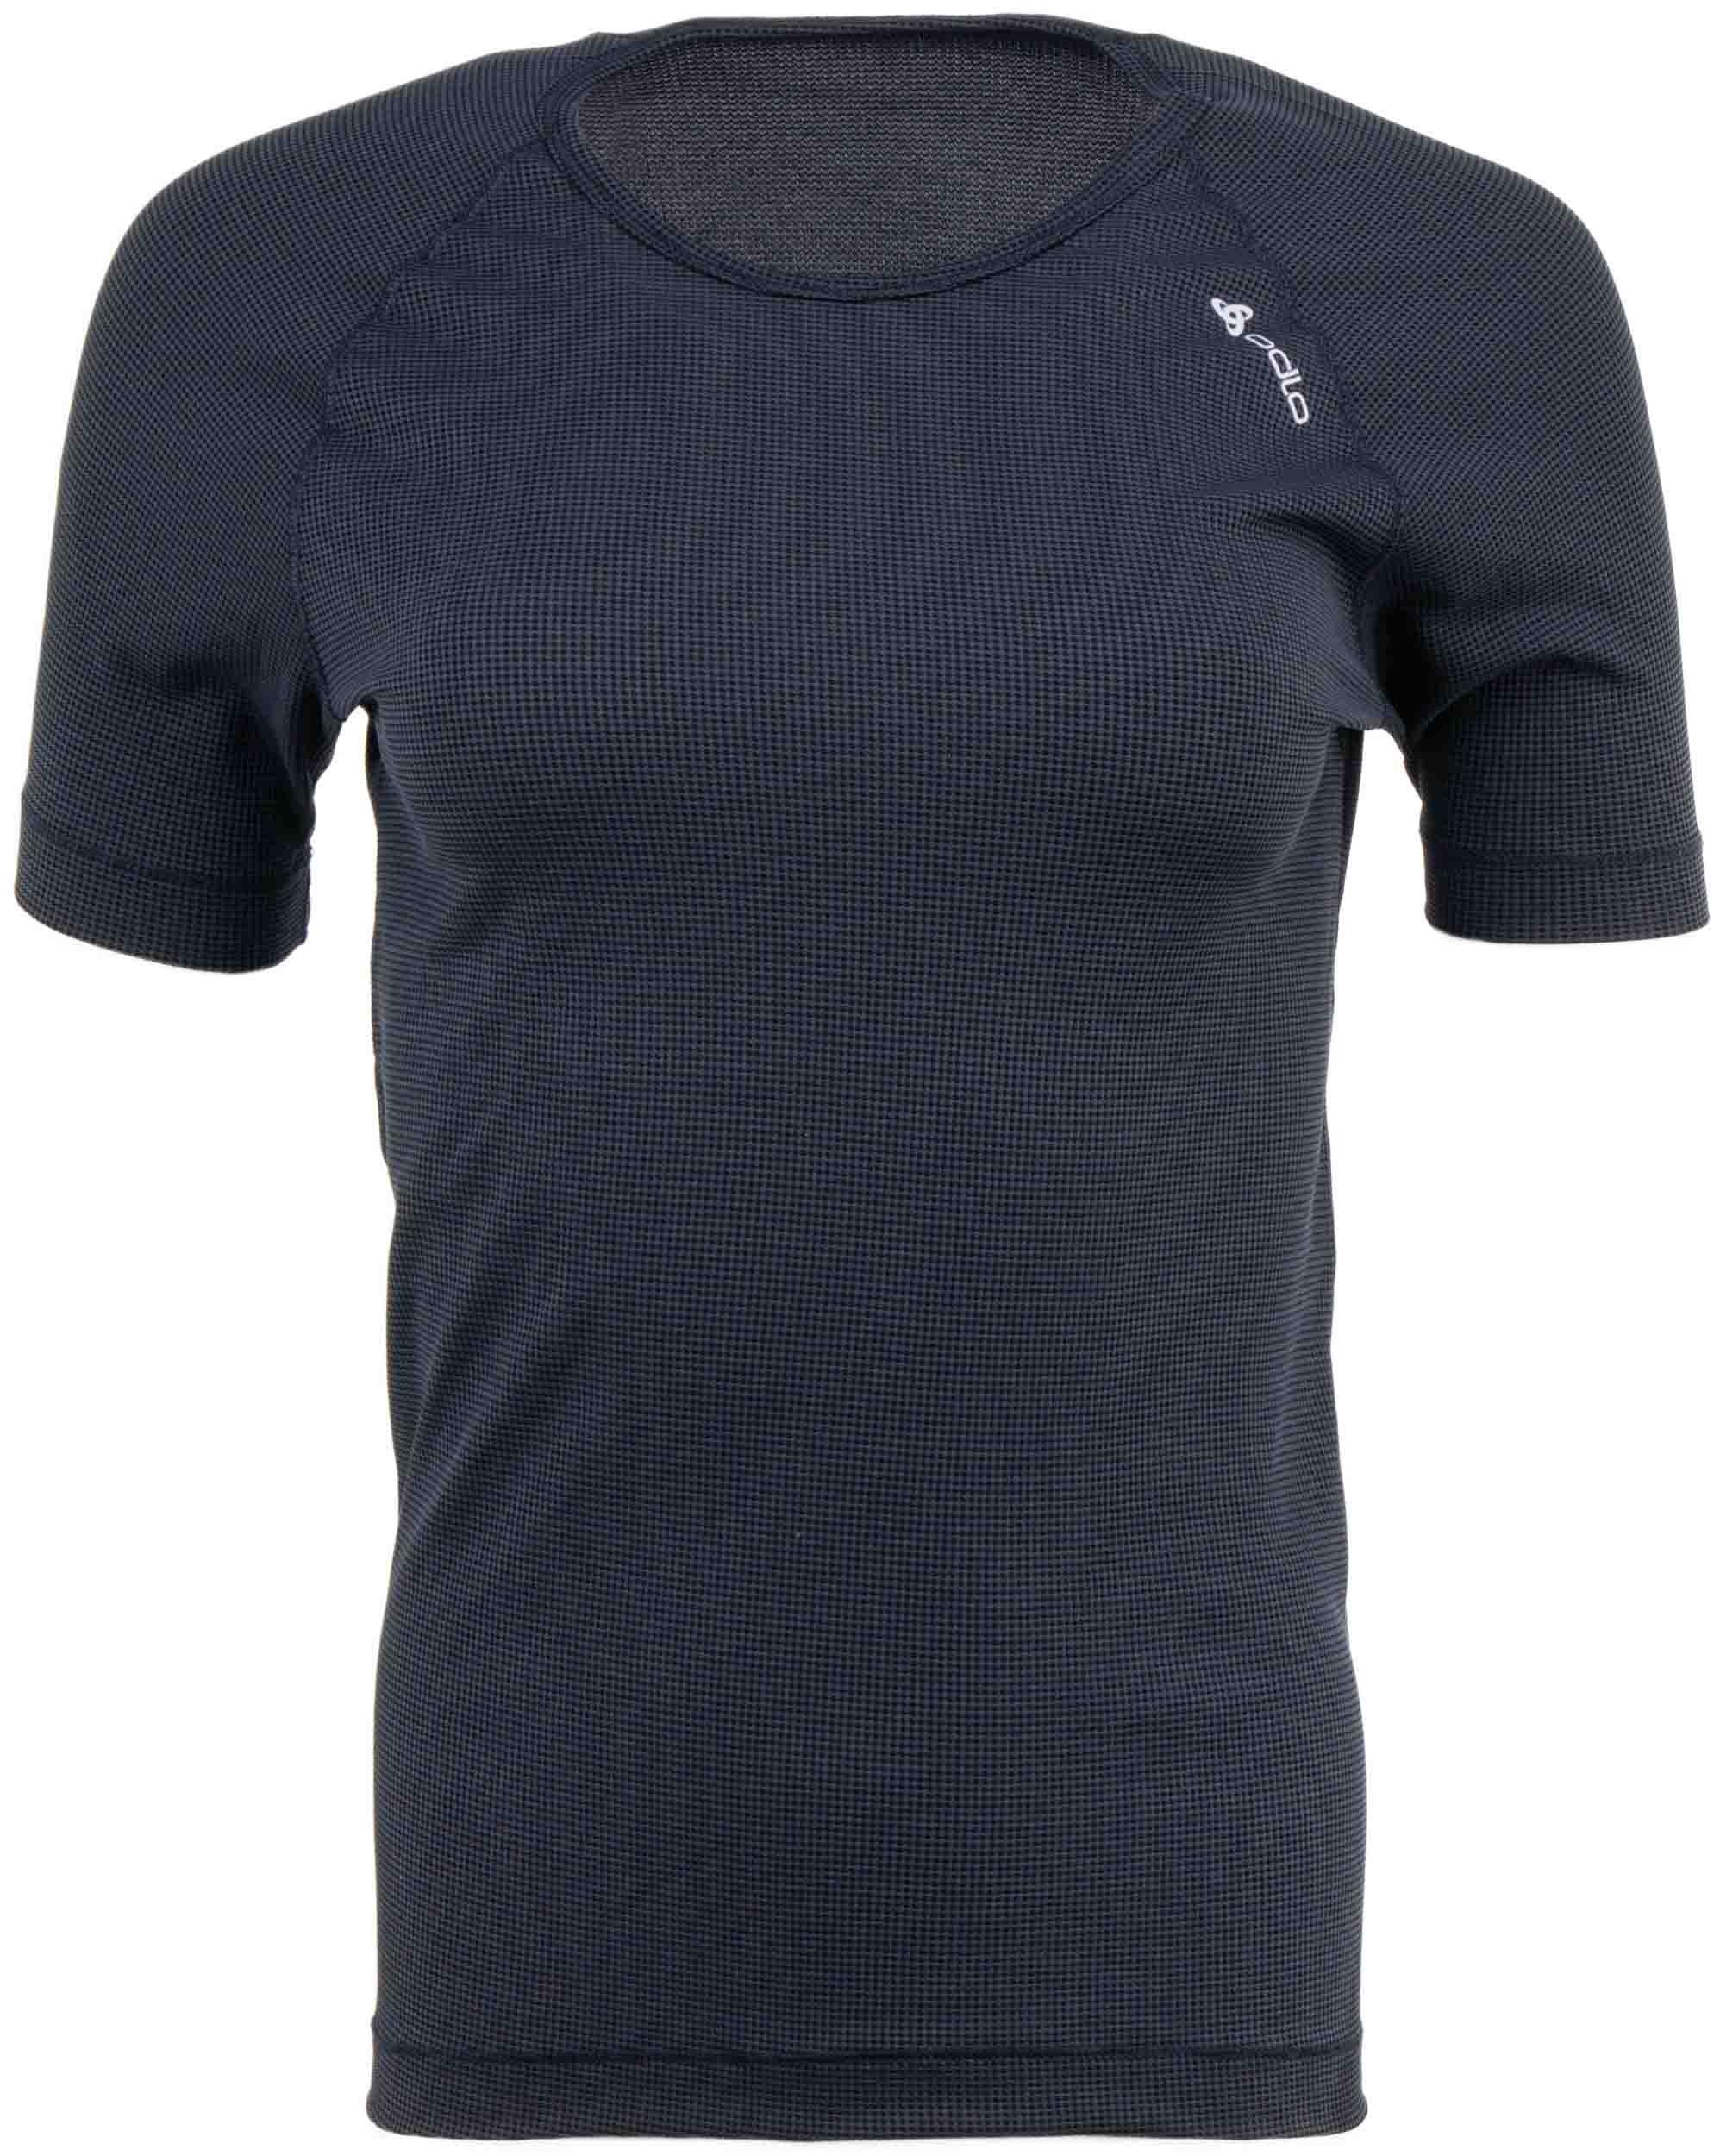 Dámské funkční triko Odlo Cubic black